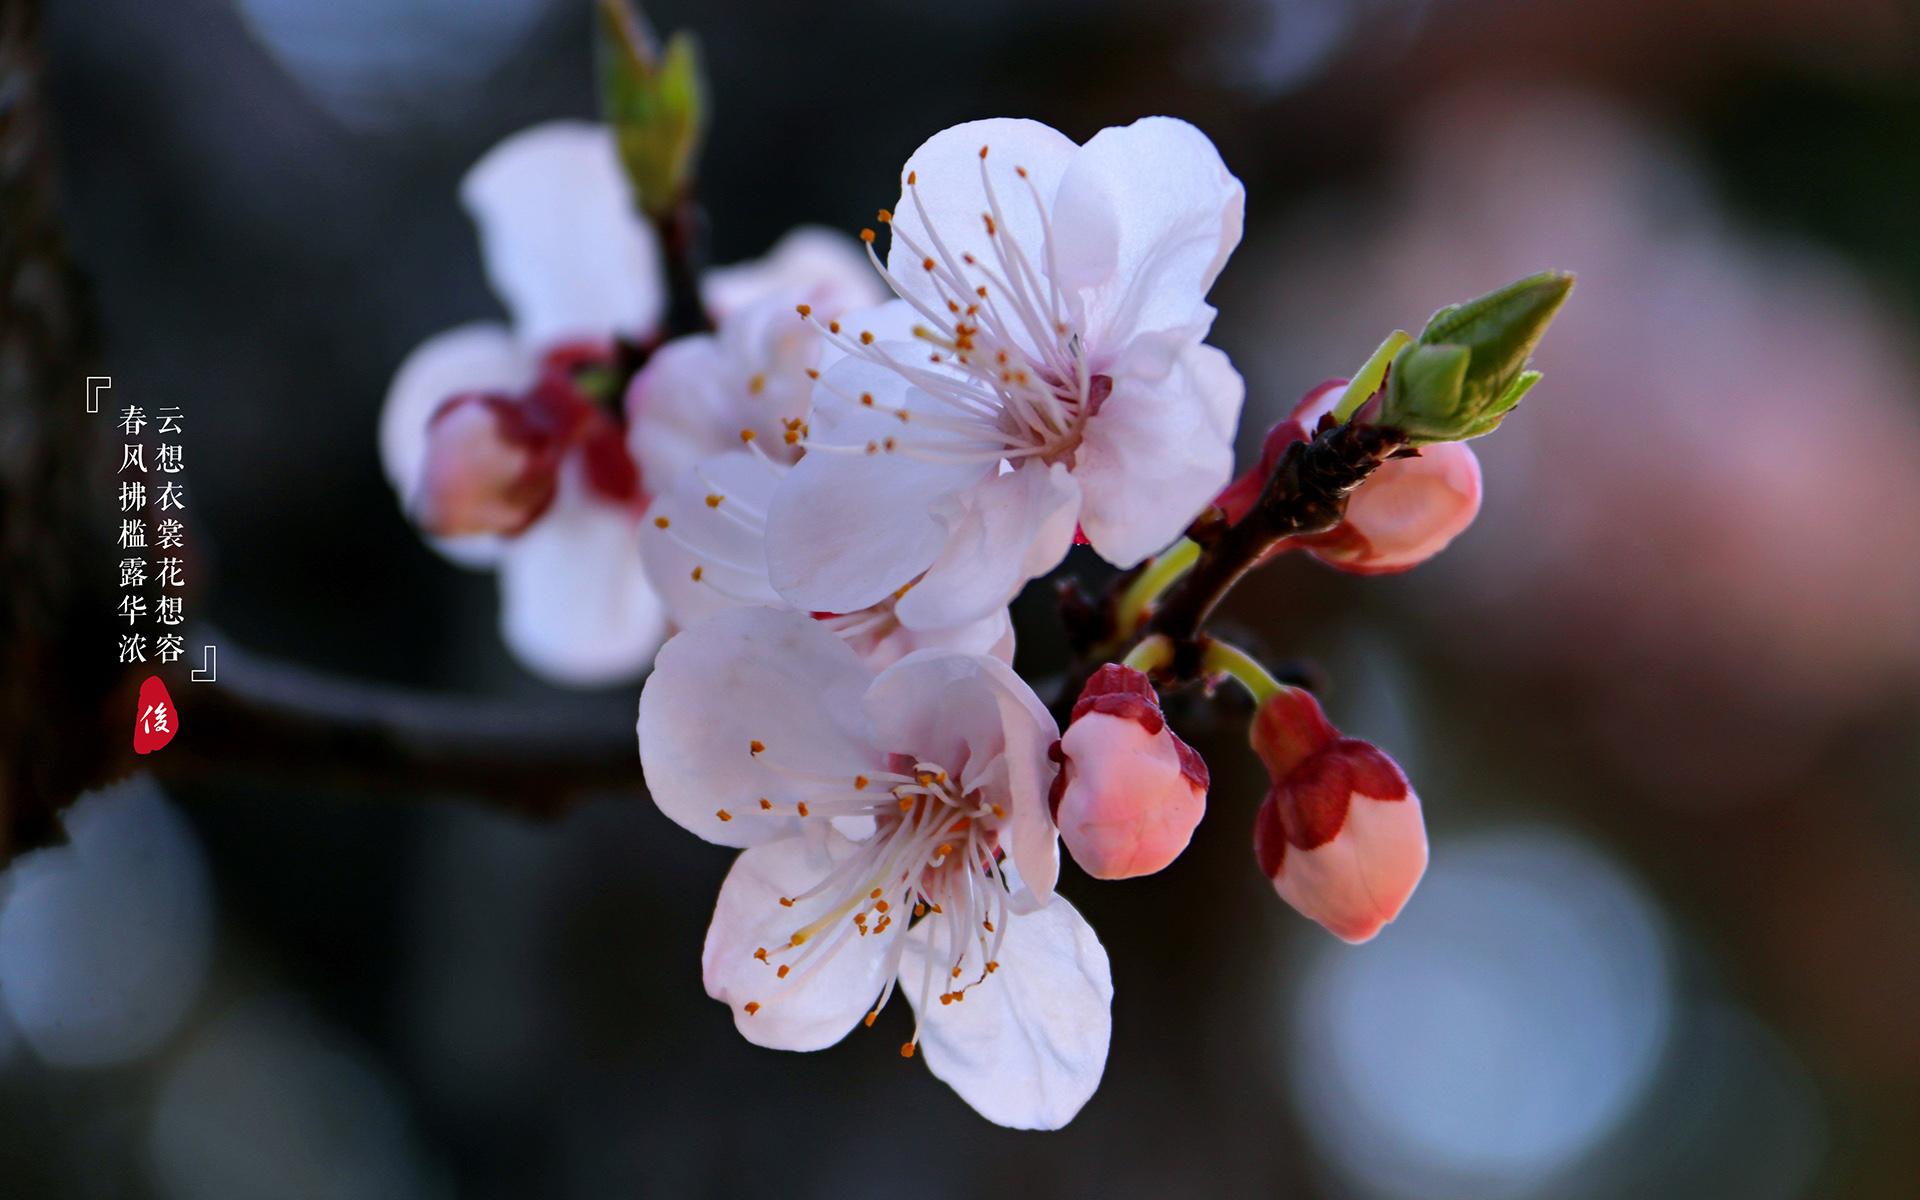 盛开的春雨杏花图片最新全屏桌面壁纸